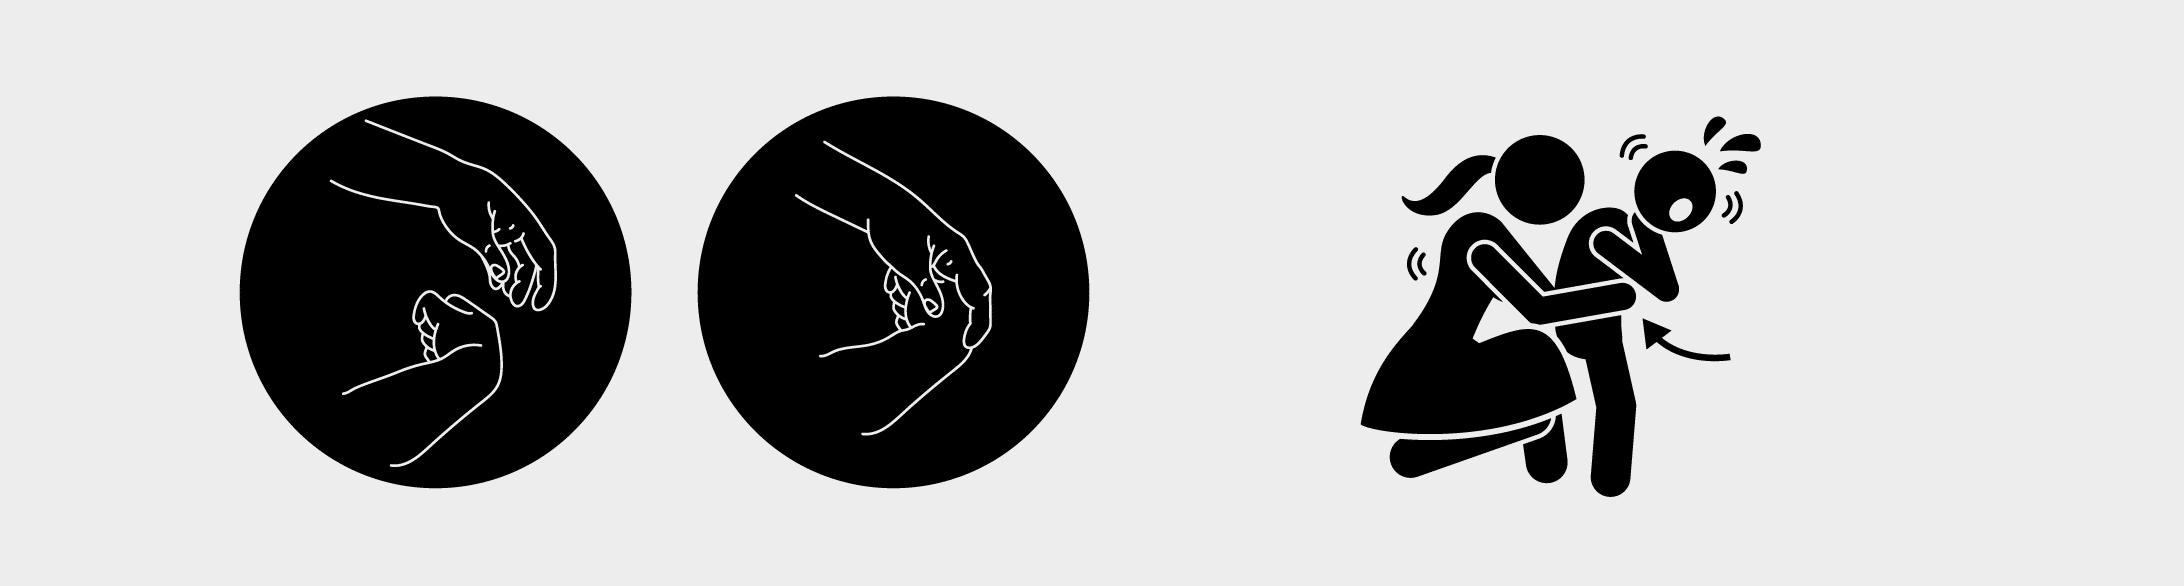 Illustration des Griffs Heimlich-Manöver, der verschluckte Gegenstände aus den Atemwegen katapultieren soll.